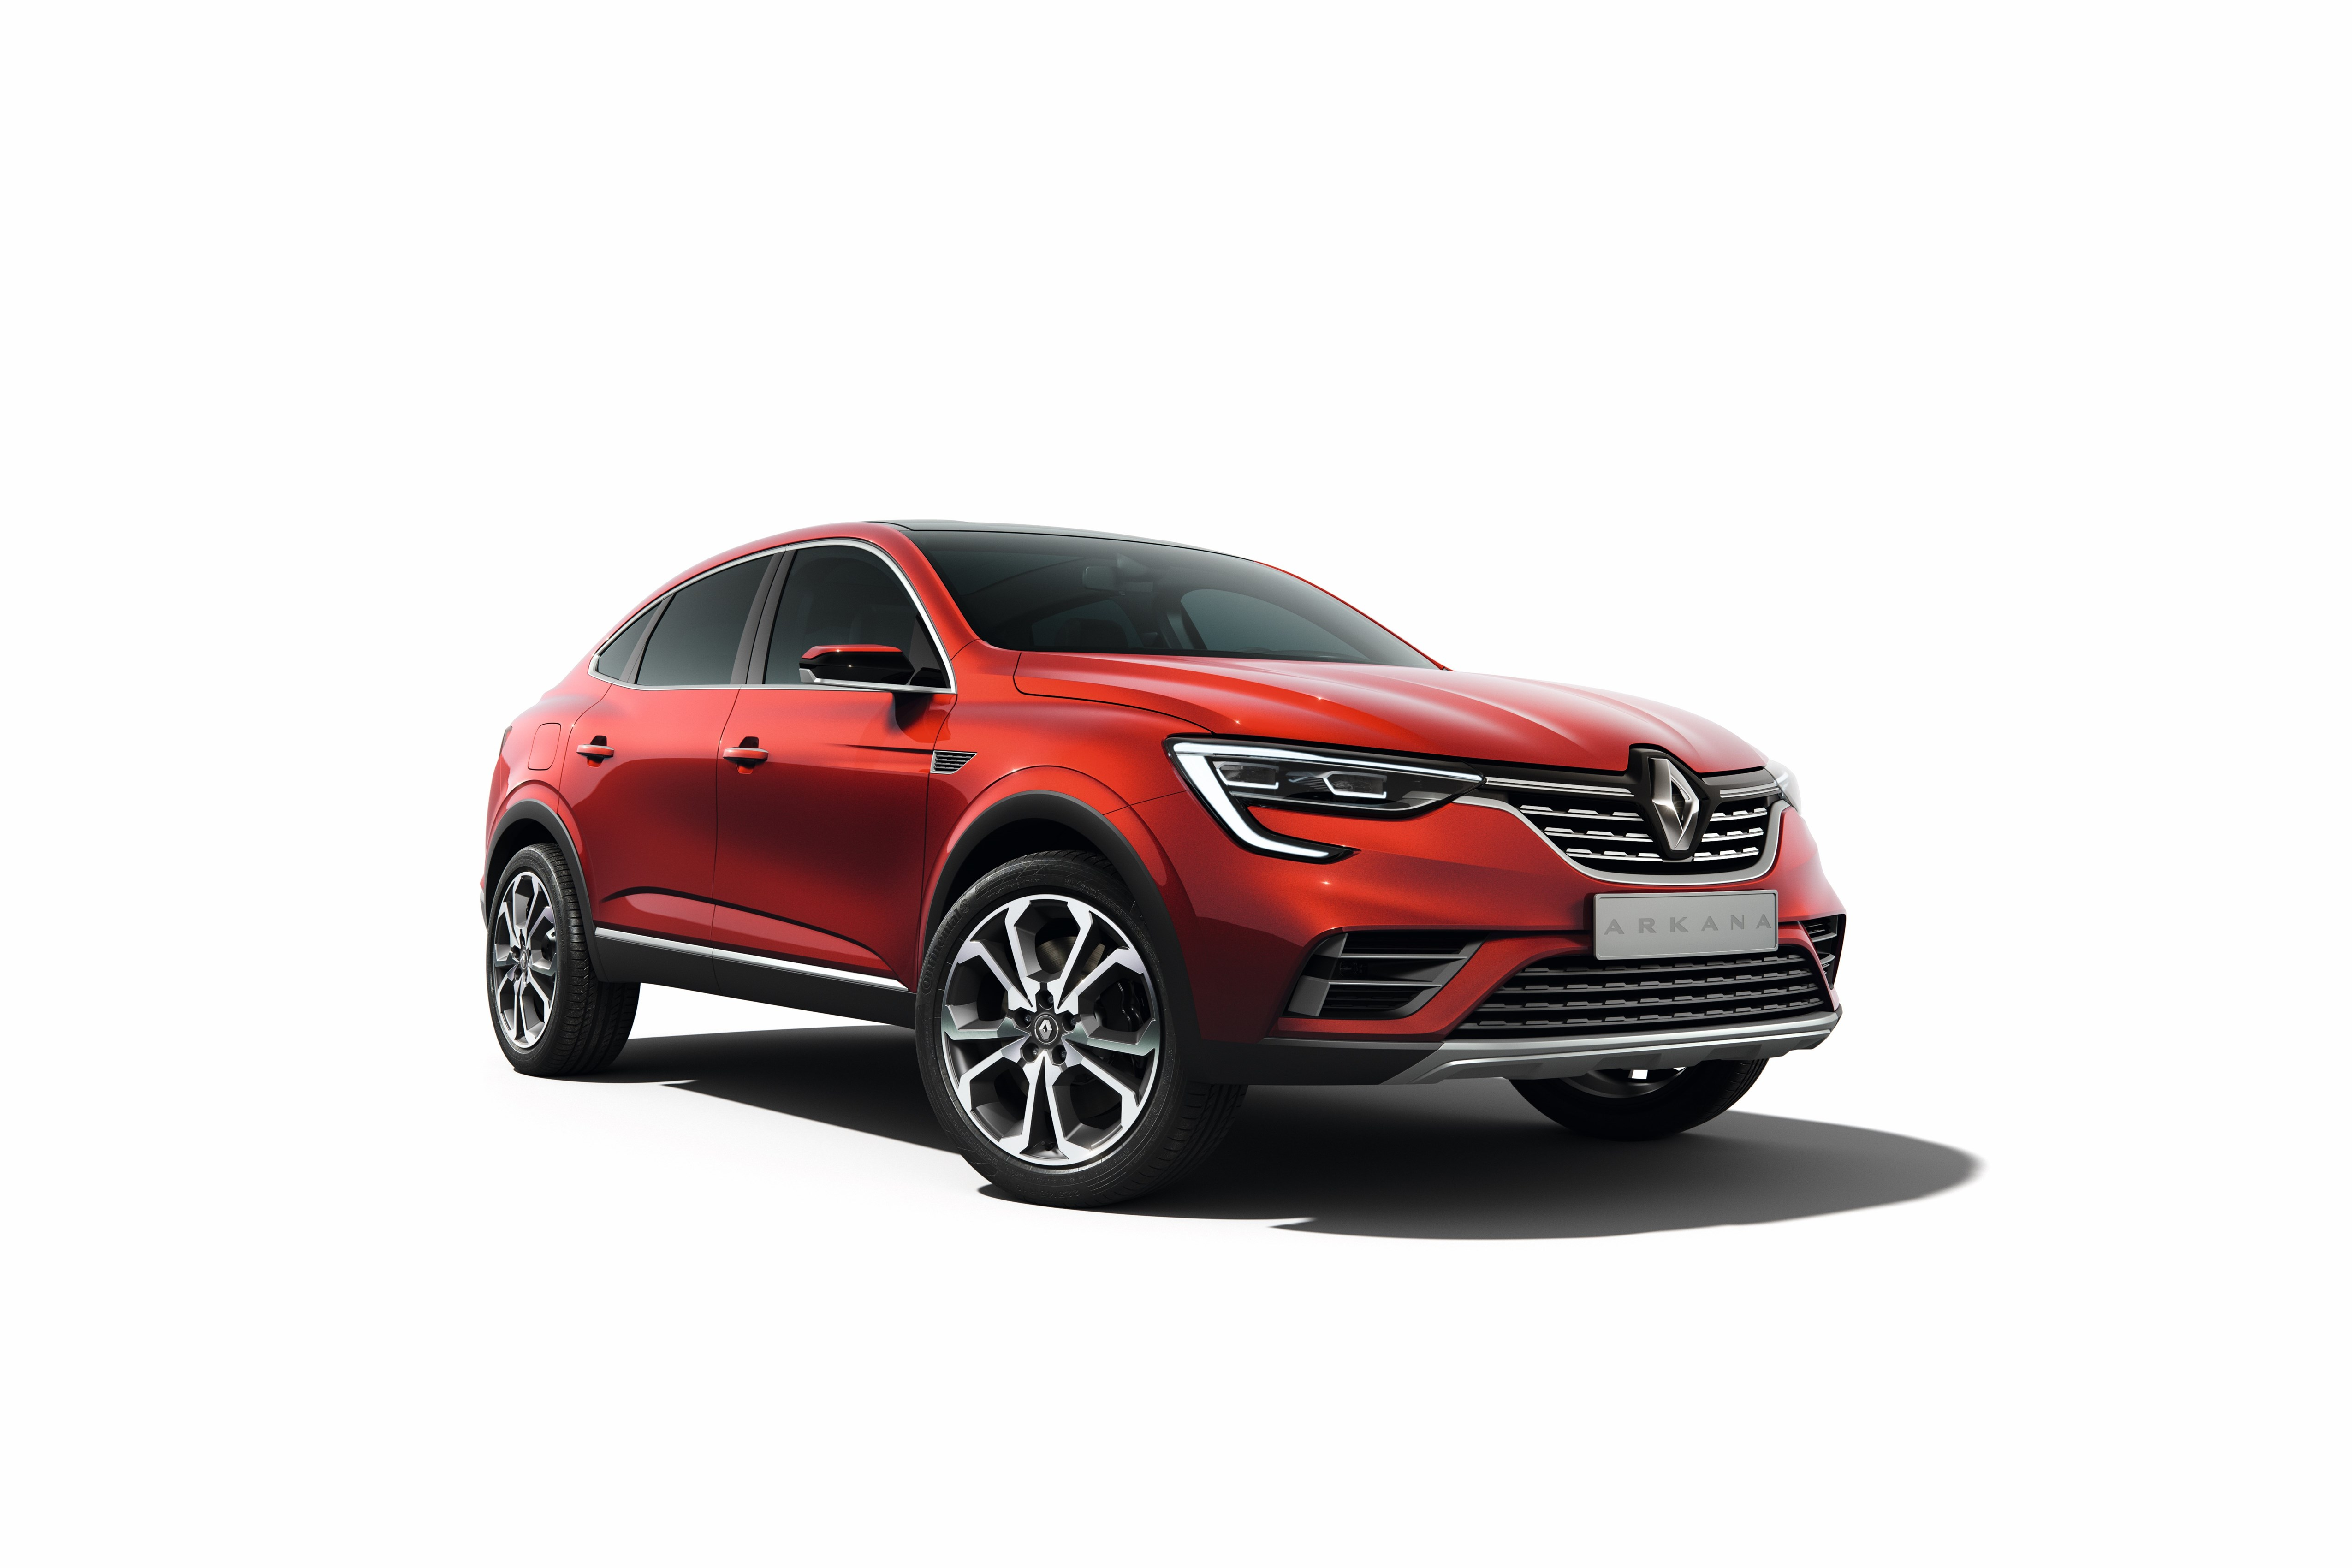 Renault realizó la presentación mundial de su nuevo coupe-crossover ARKANA